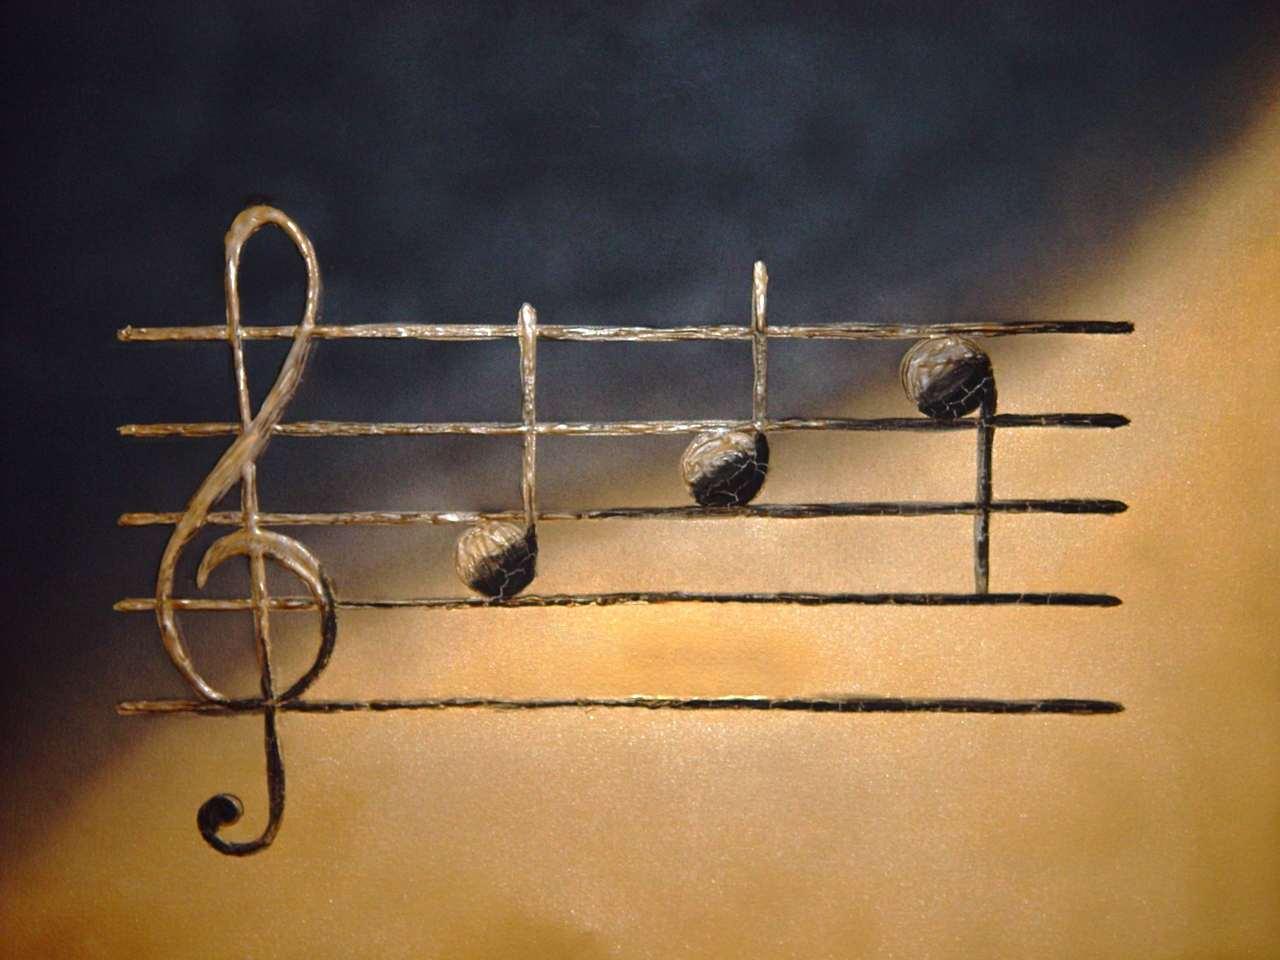 Τεχνίτης Μουσικών Οργάνων/Επισκευή Ακορντεόν